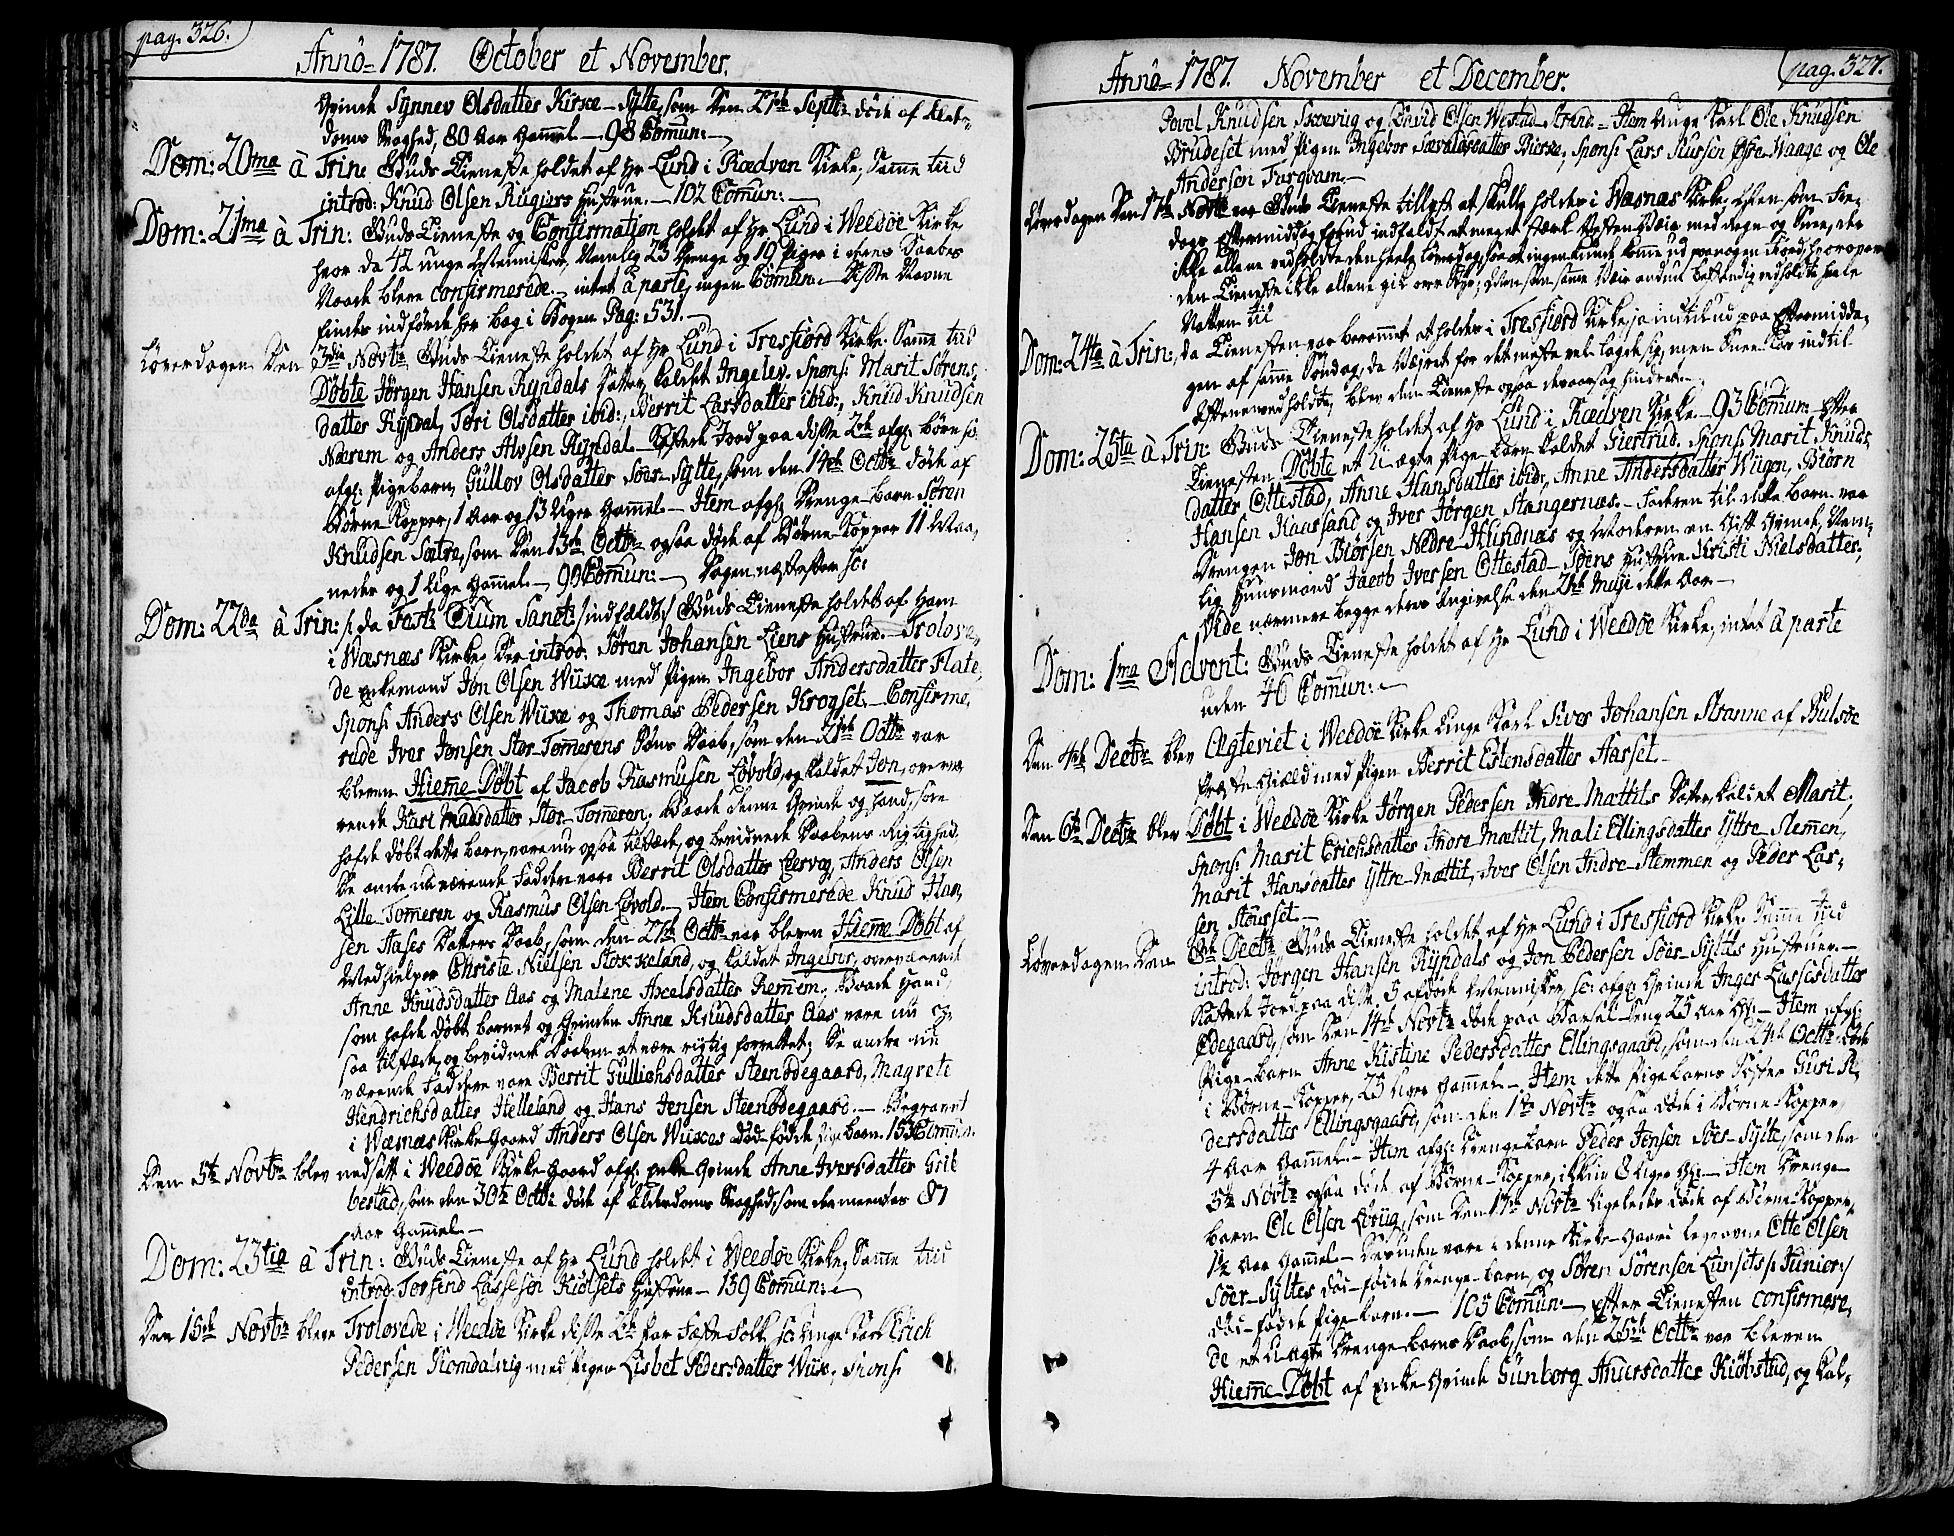 SAT, Ministerialprotokoller, klokkerbøker og fødselsregistre - Møre og Romsdal, 547/L0600: Ministerialbok nr. 547A02, 1765-1799, s. 326-327